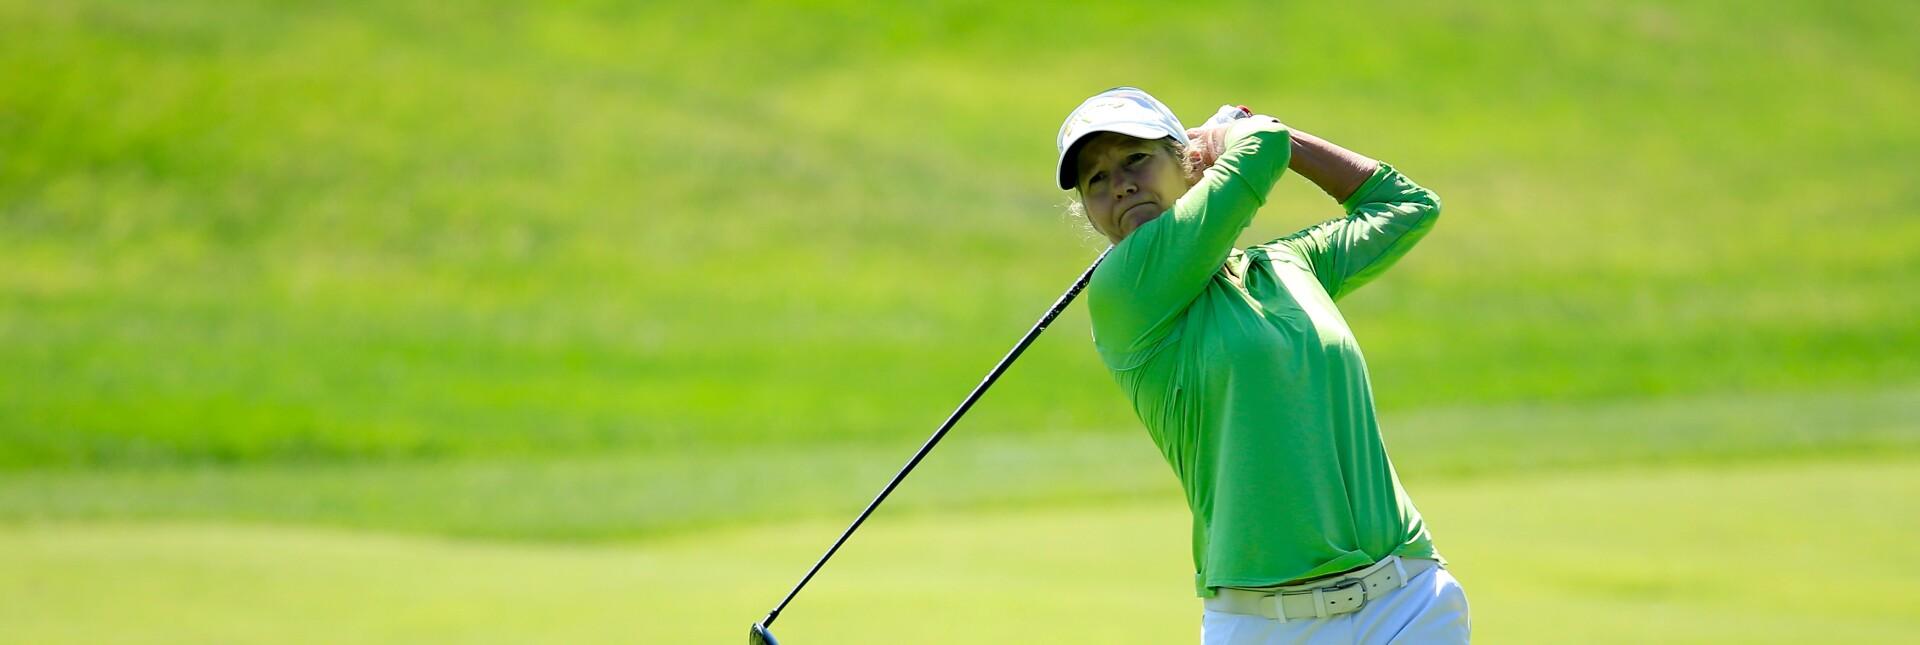 KPMG Women's PGA Championship - Preview Day 3